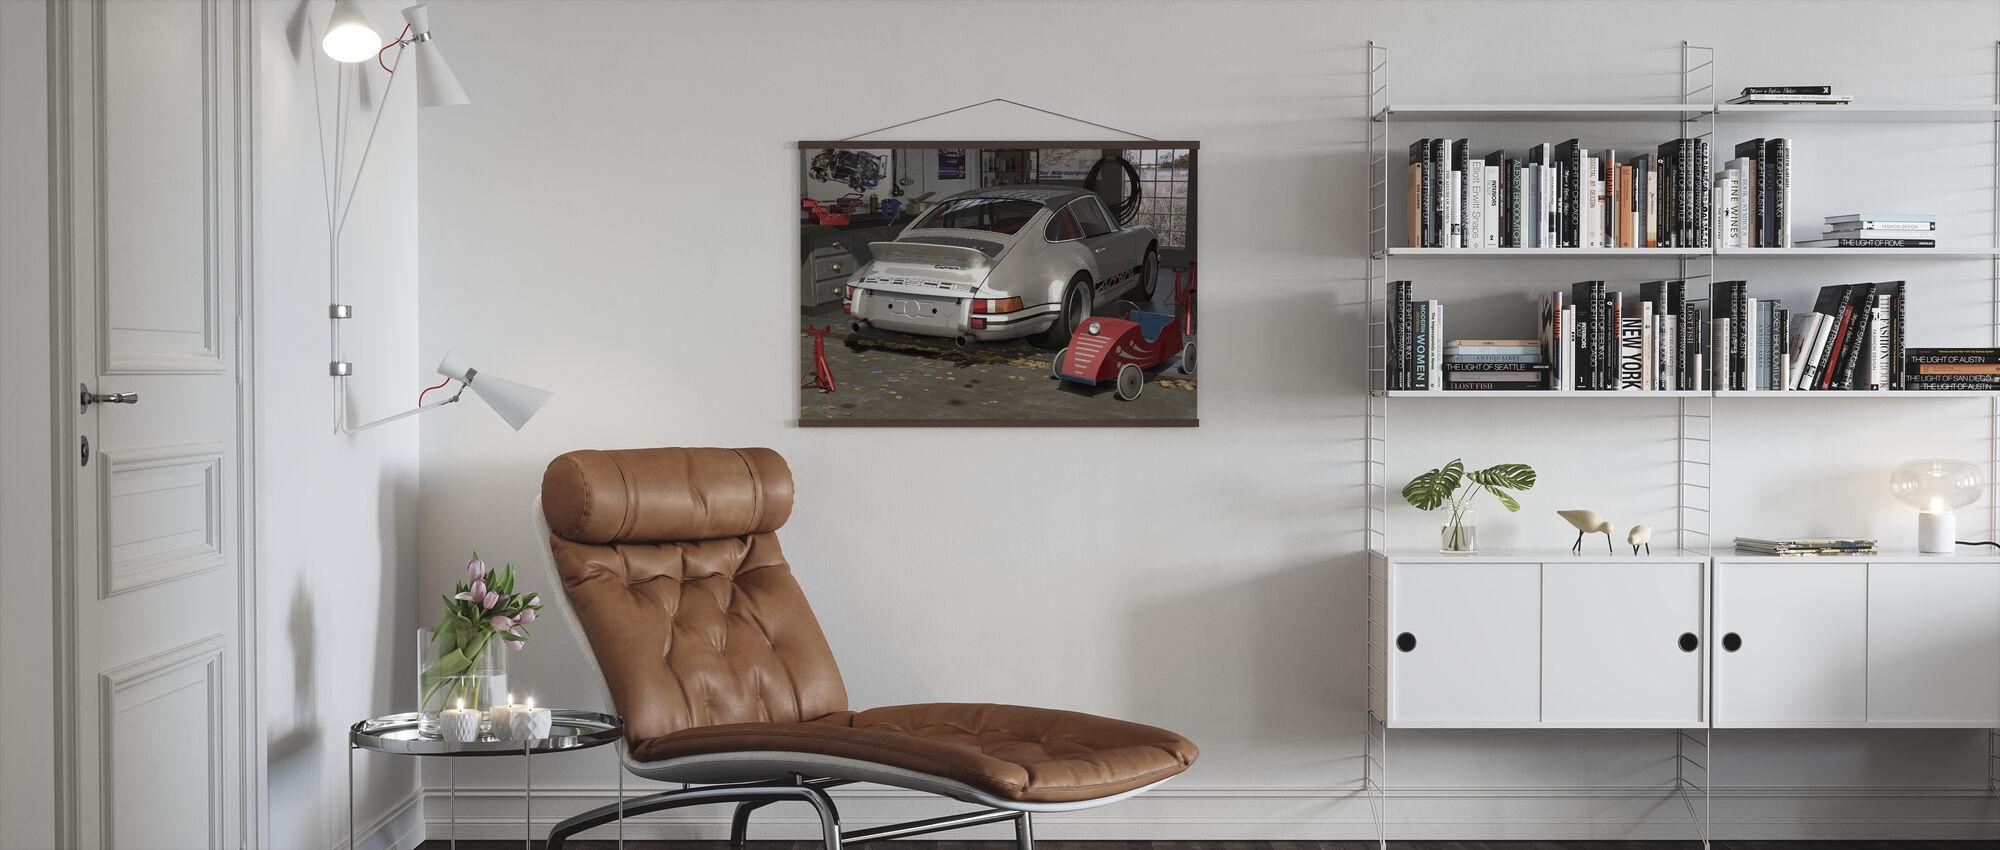 Min første og andre bil - Plakat - Stue